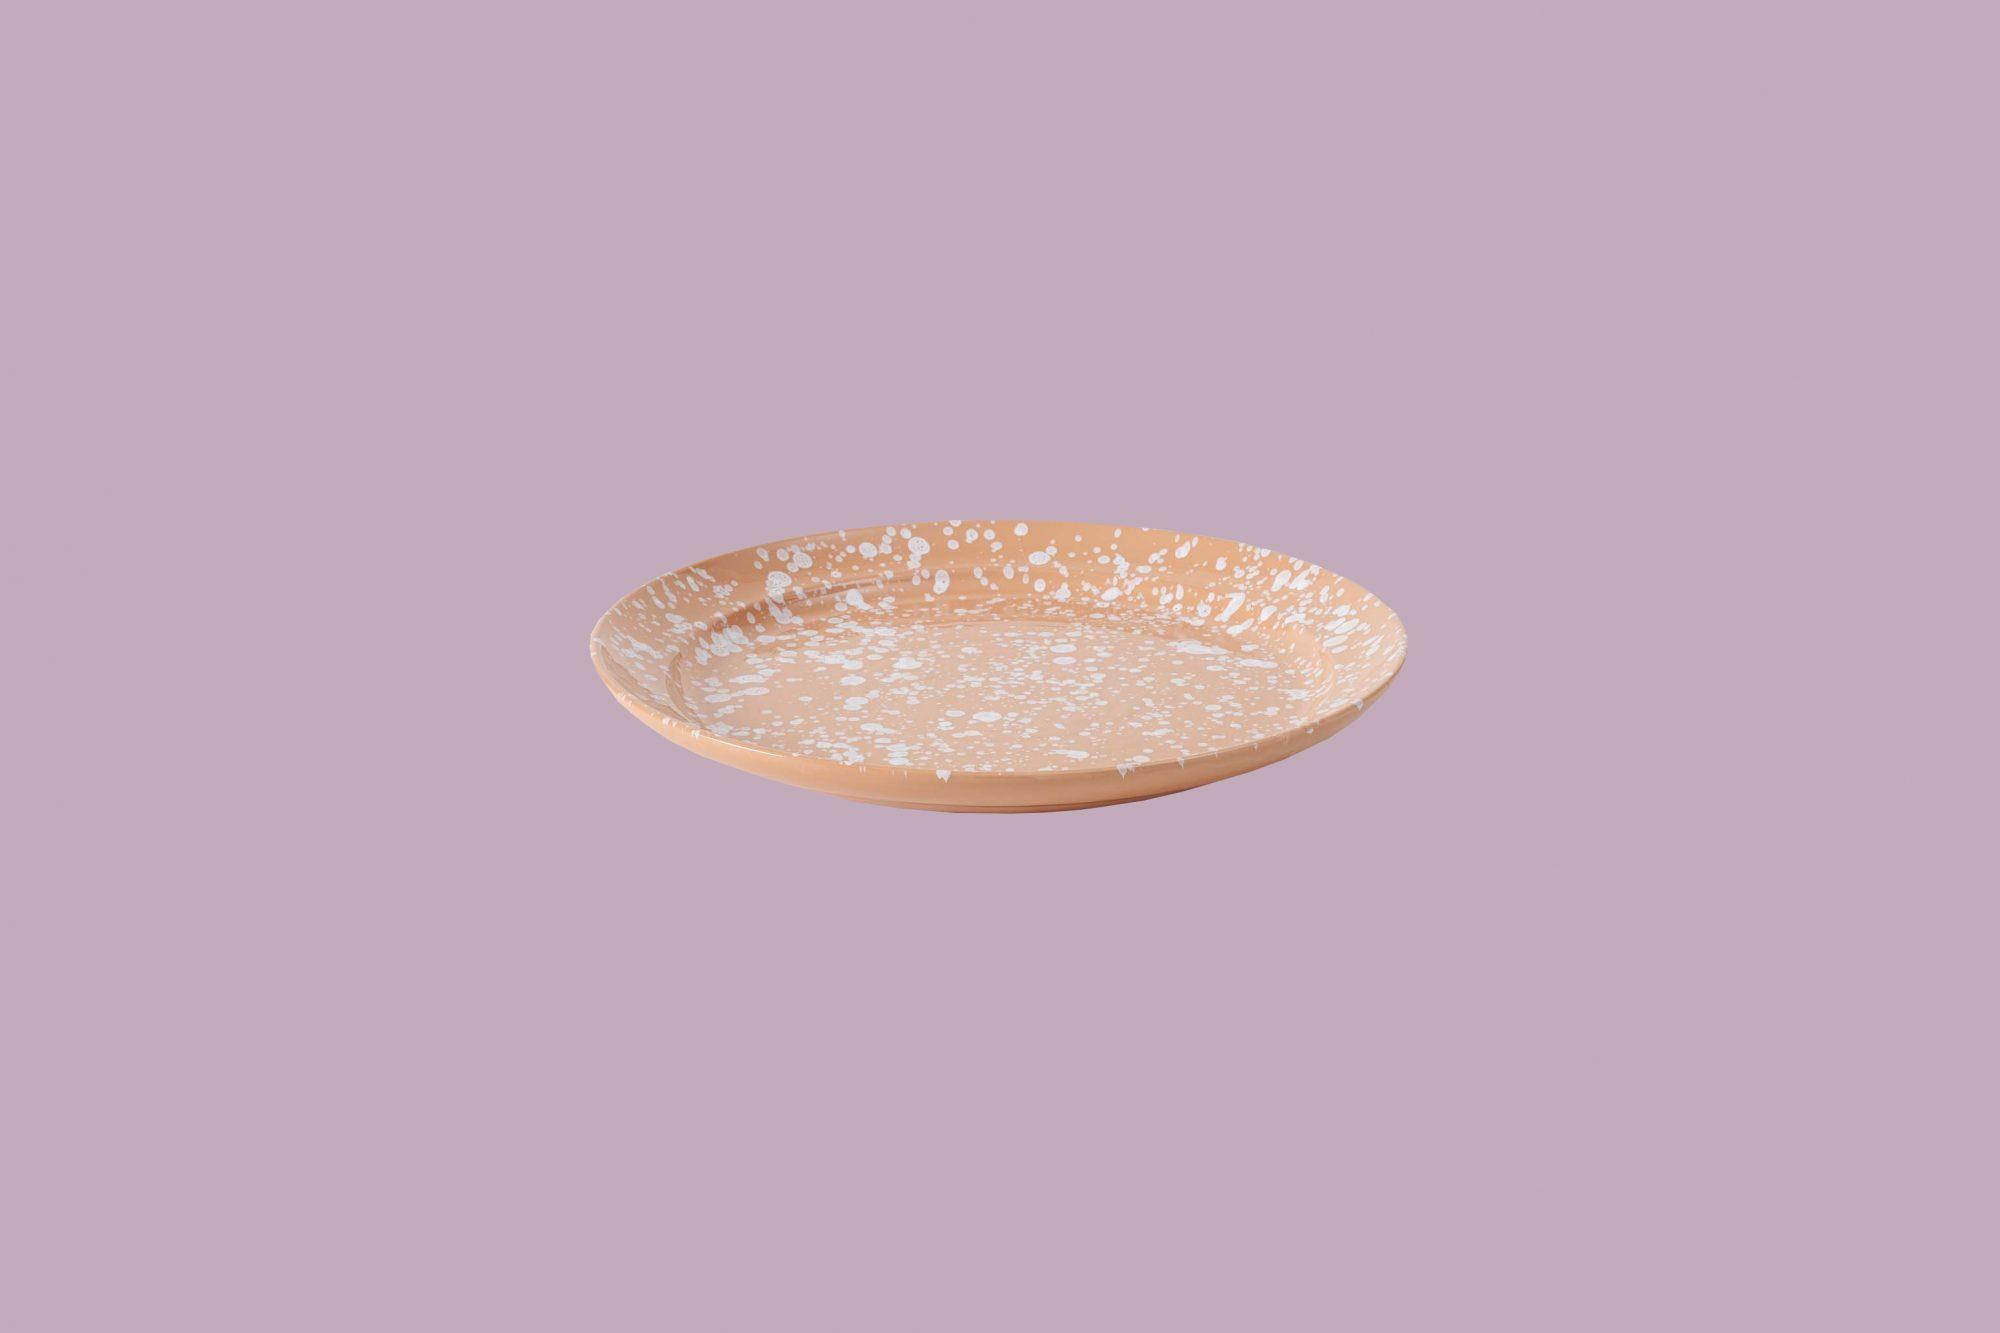 March San Francisco White on Terracotta Splatterware Platter